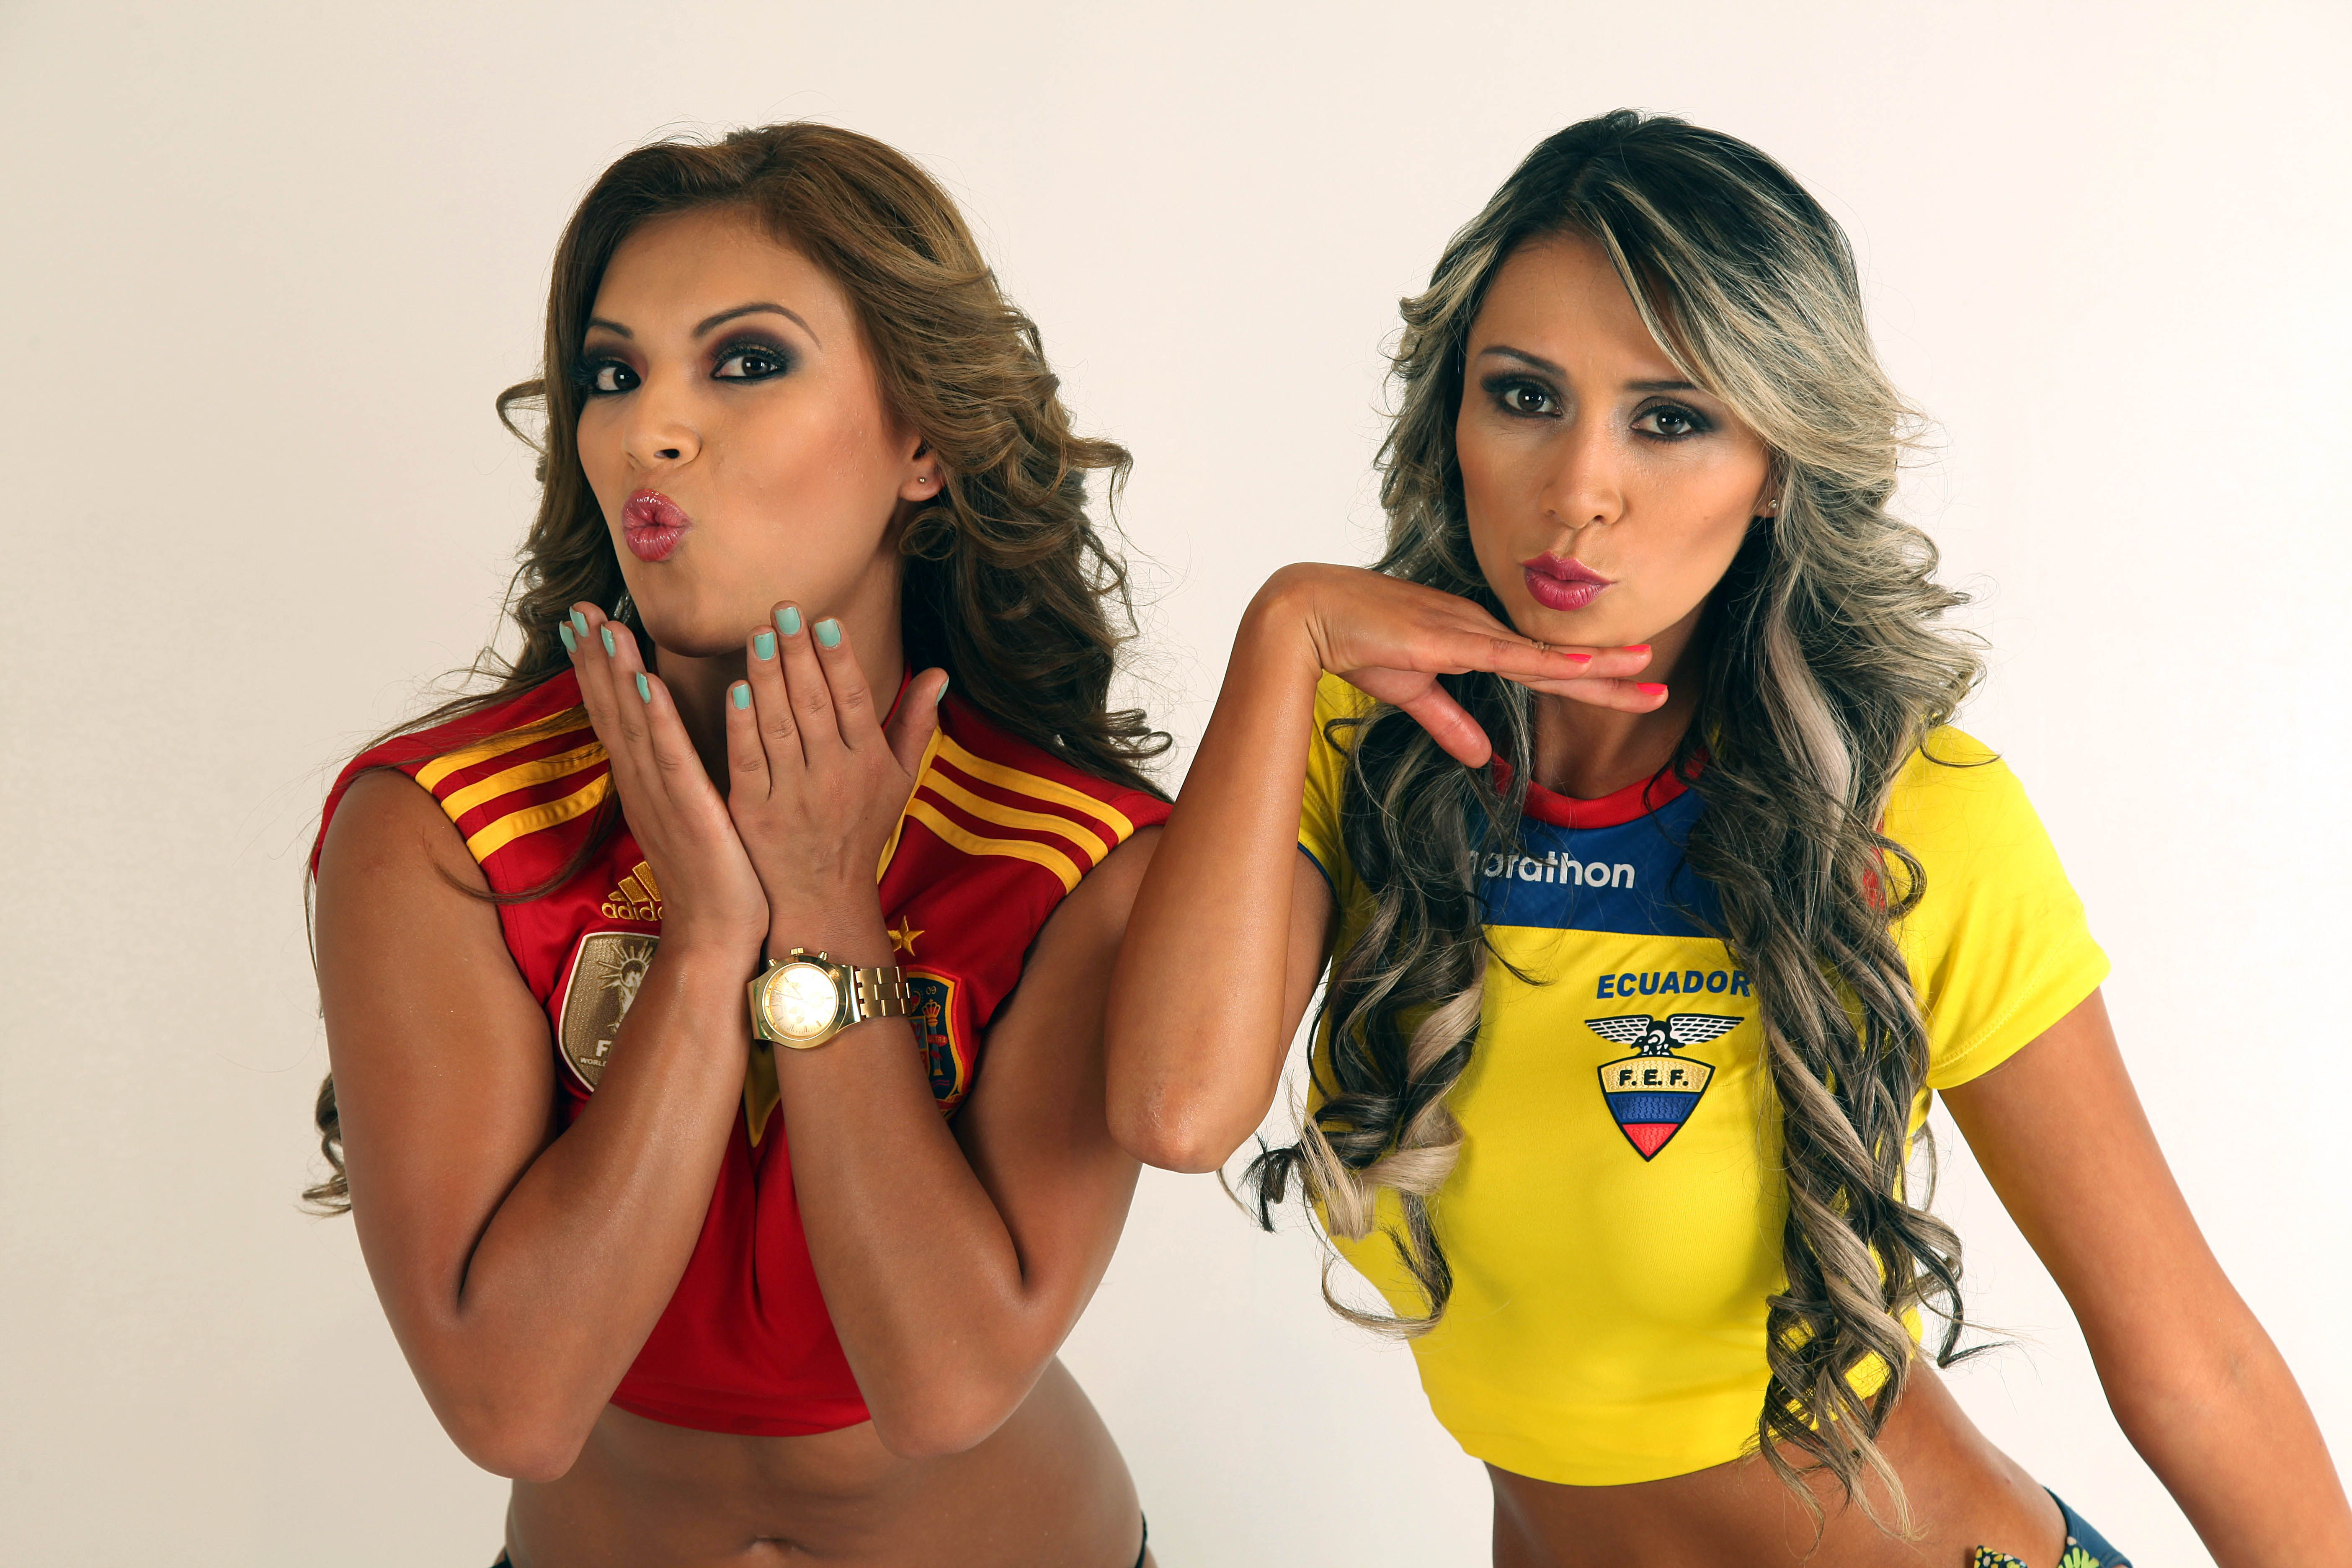 Ecuador babes